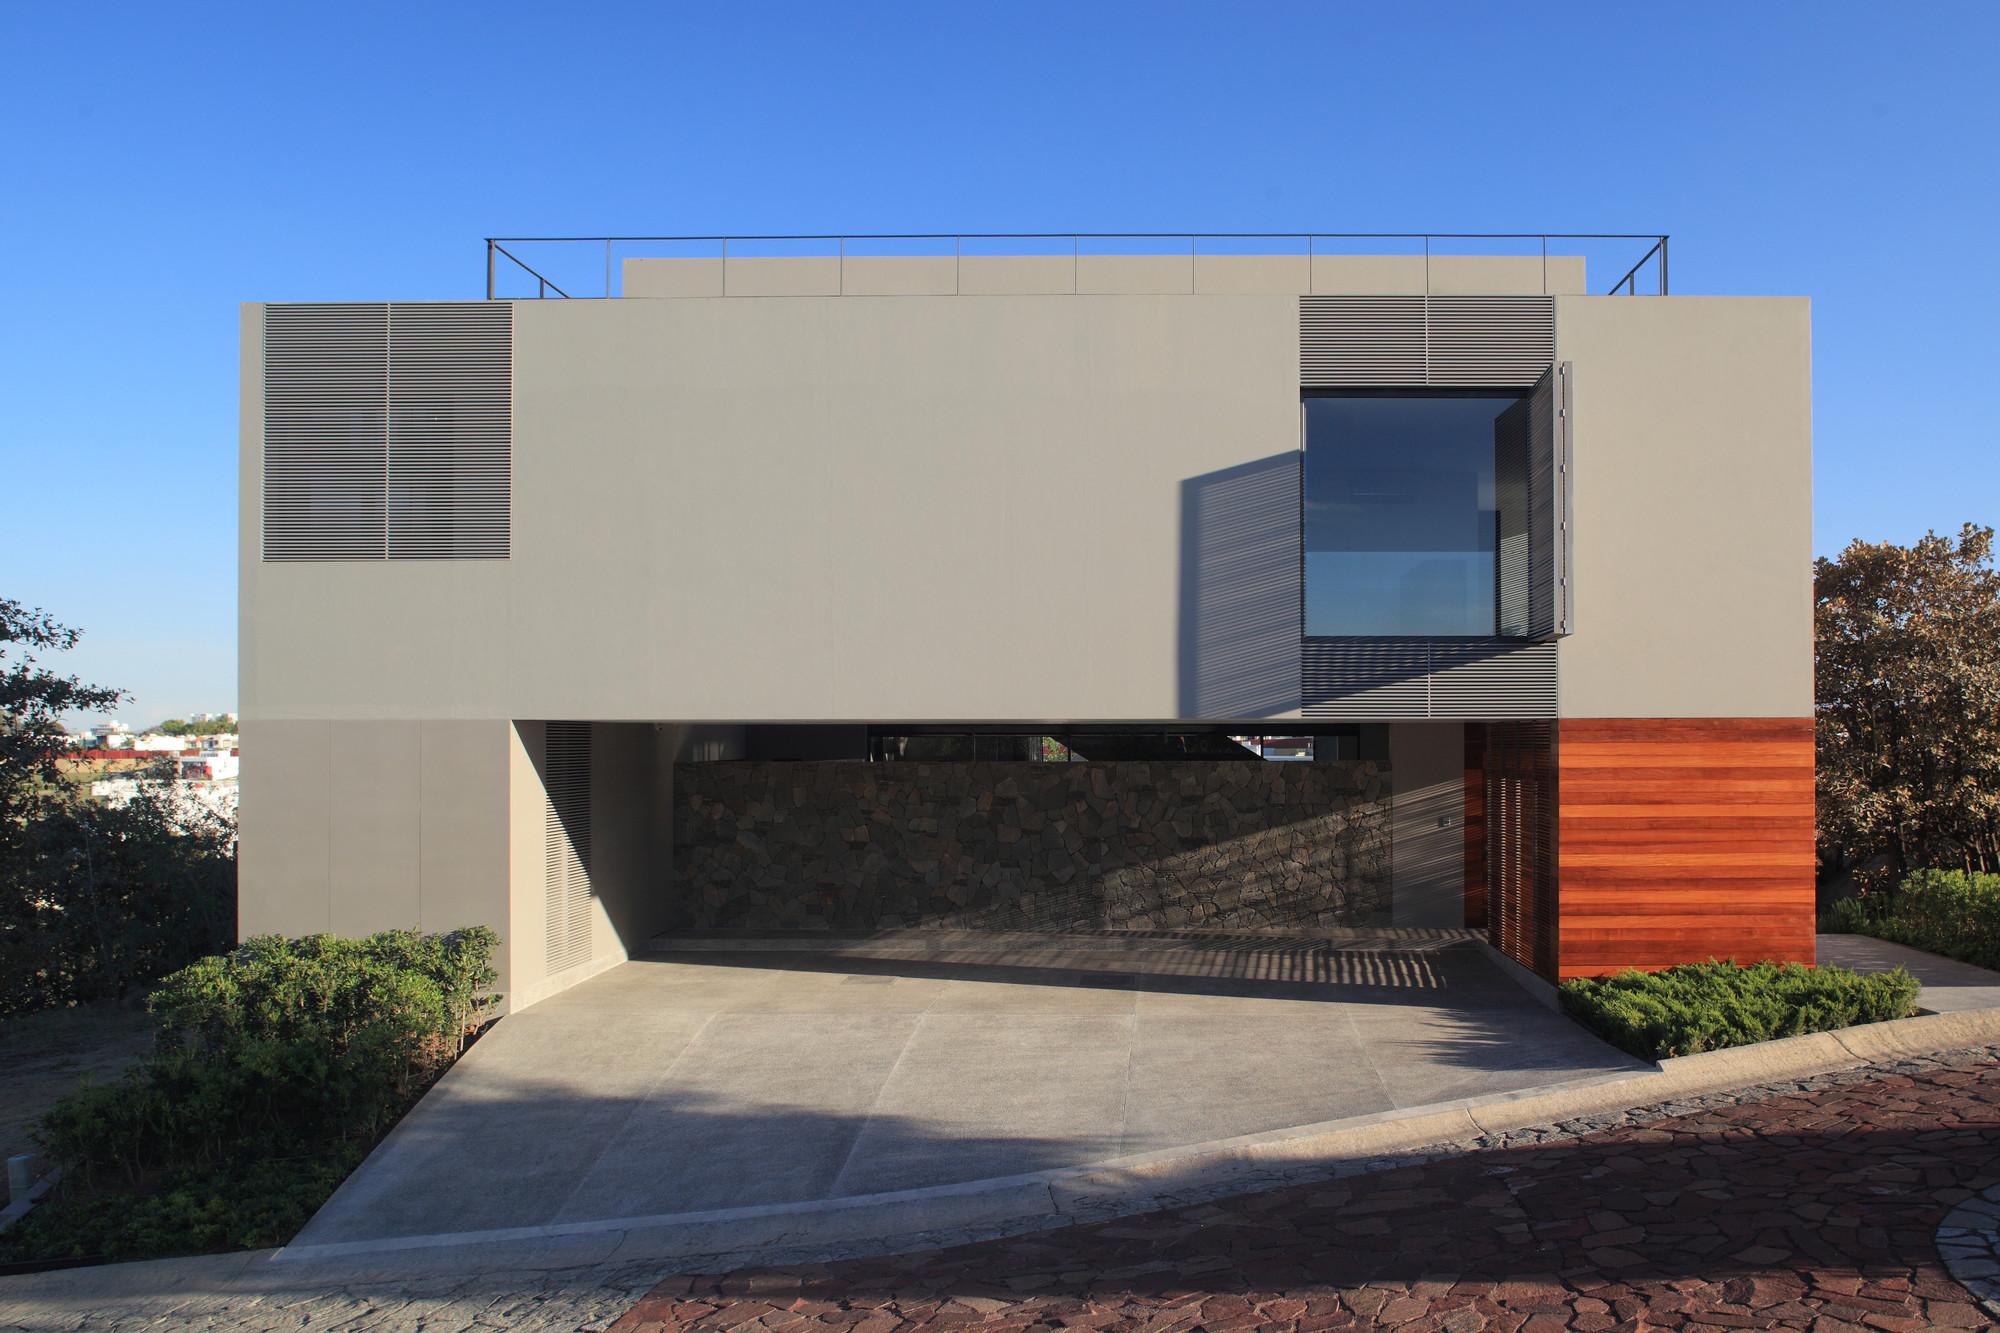 Casa ic alexanderson arquitectos archdaily m xico for Arquitectos y sus obras